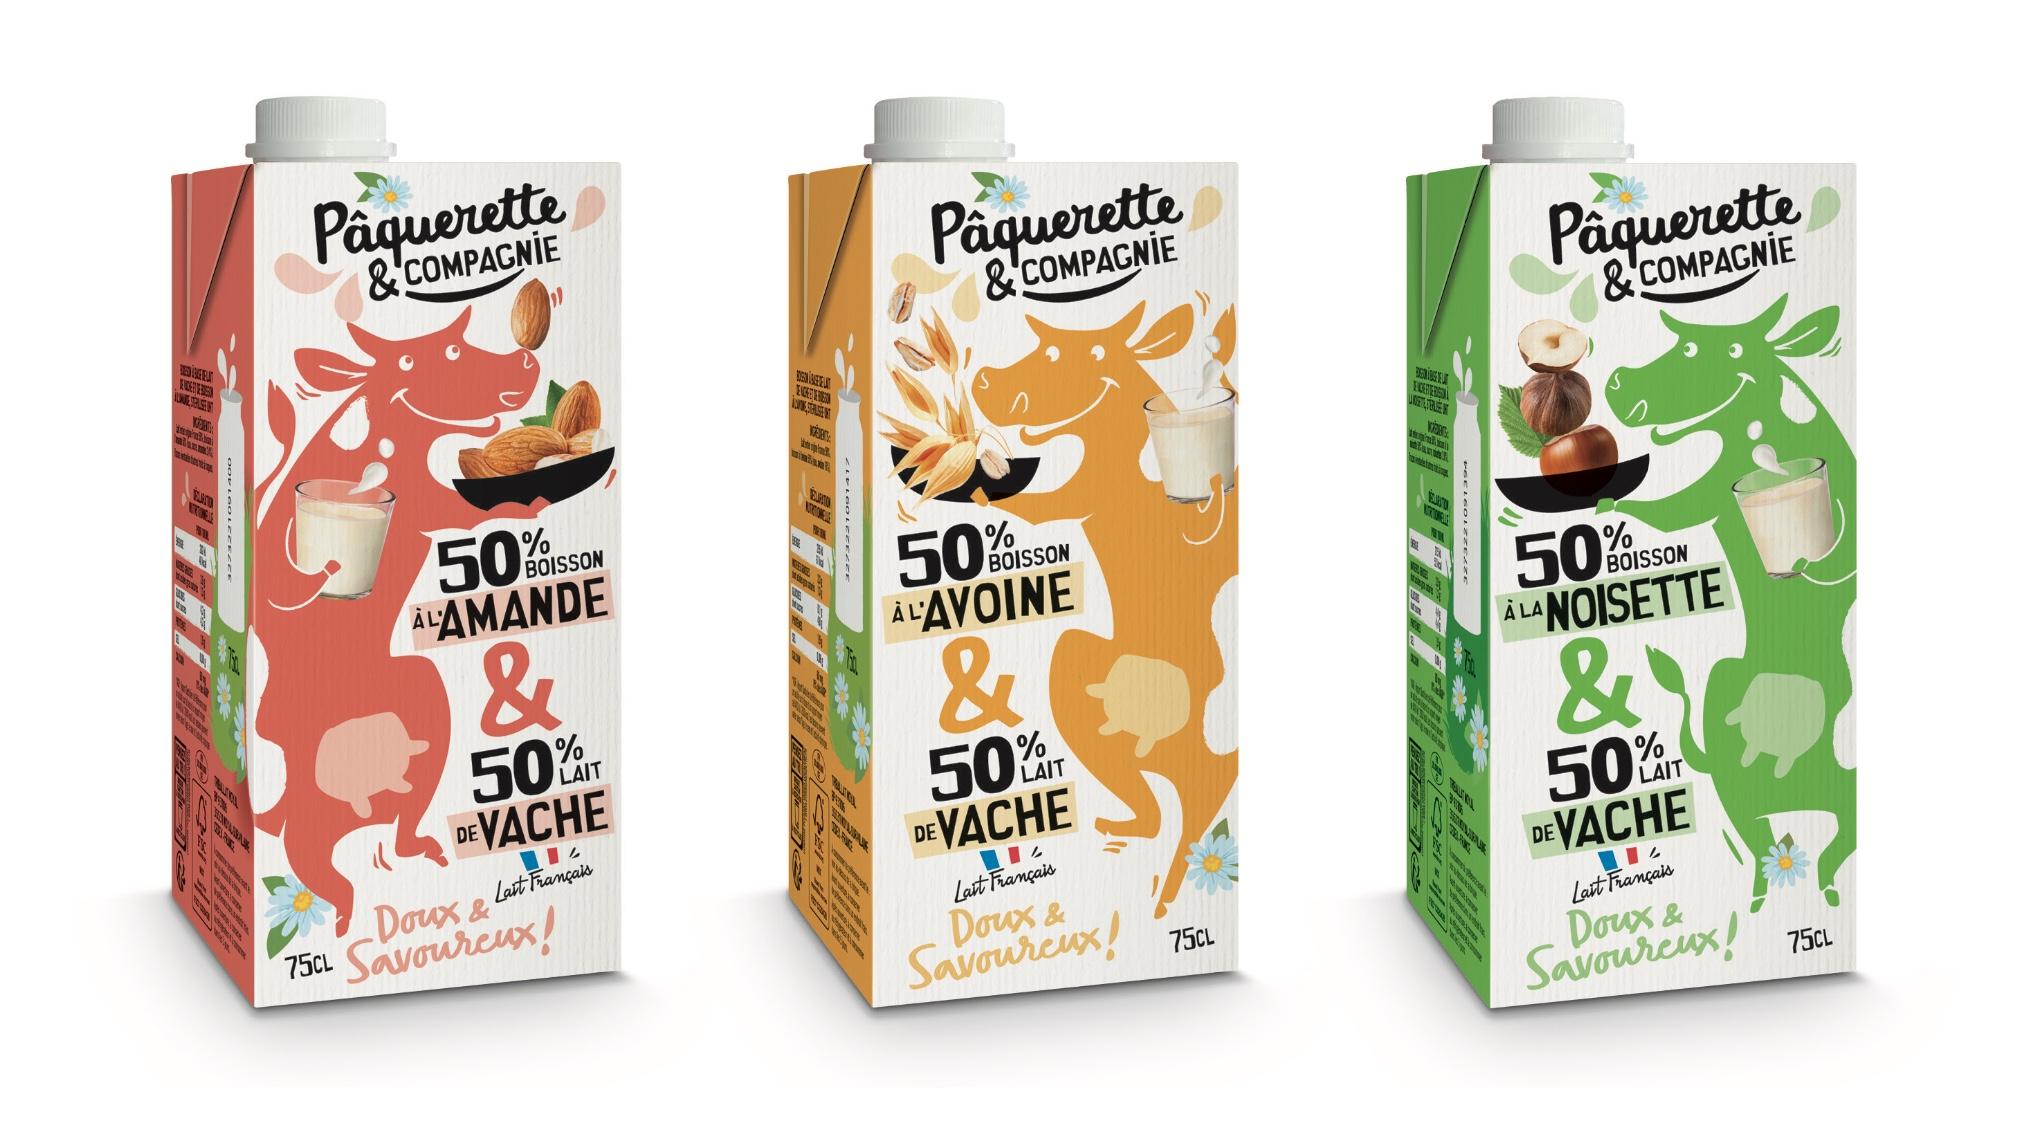 Capture decran 2021 09 21 a 15.28.43 - Pâquerette & Compagnie révolutionne le rayon lait avec un mix laitier/végétal